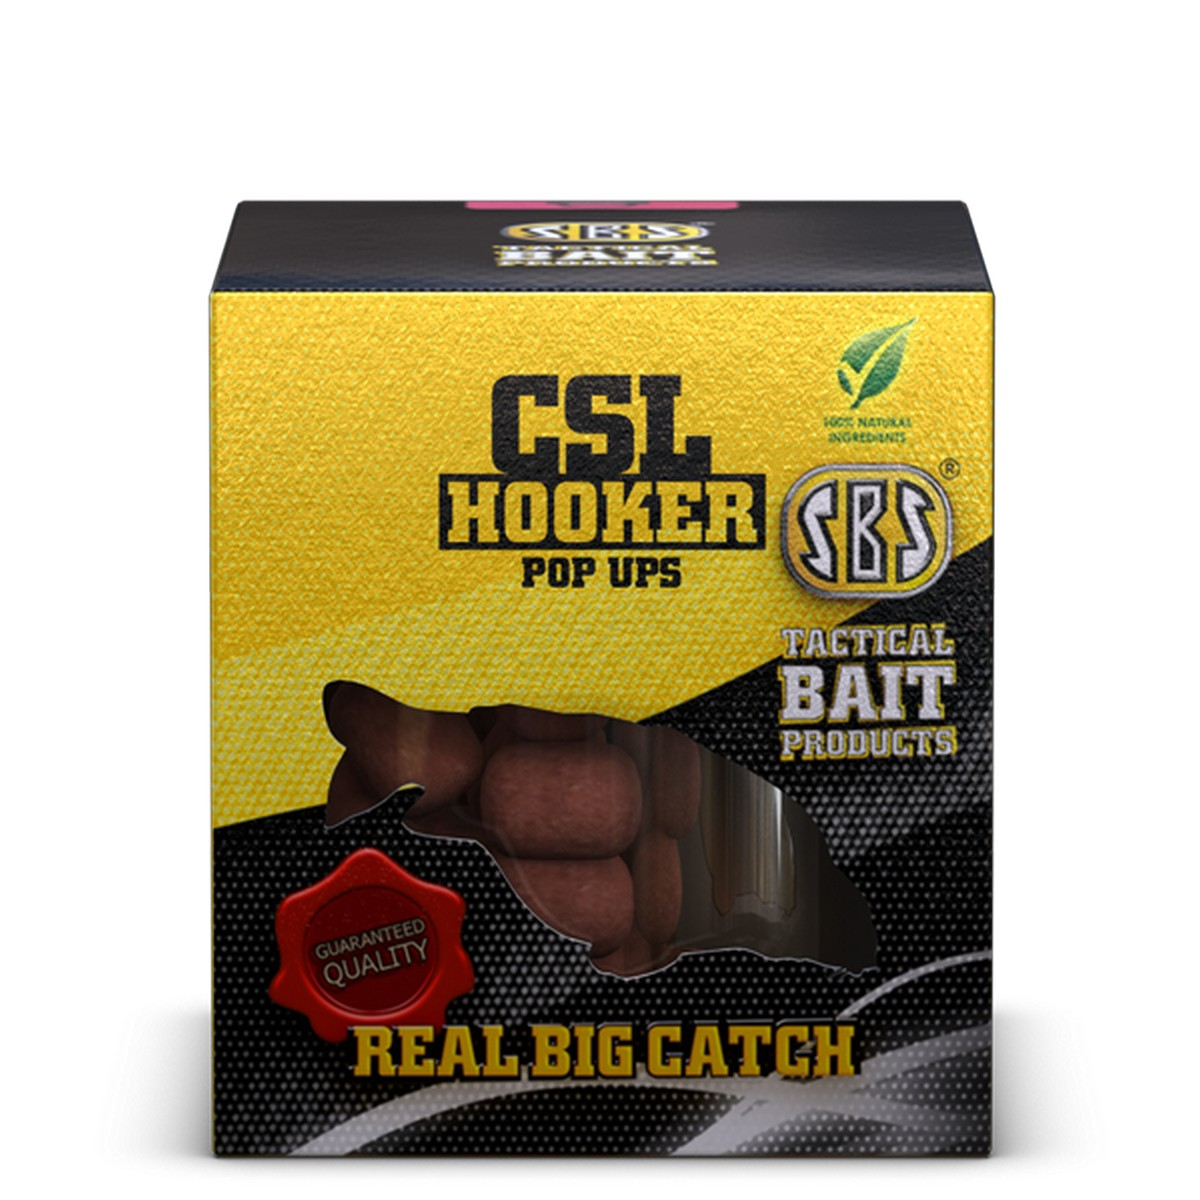 SBS CSL HOOKER POP UPS BLACK CAVIAR 100 GM 16 MM